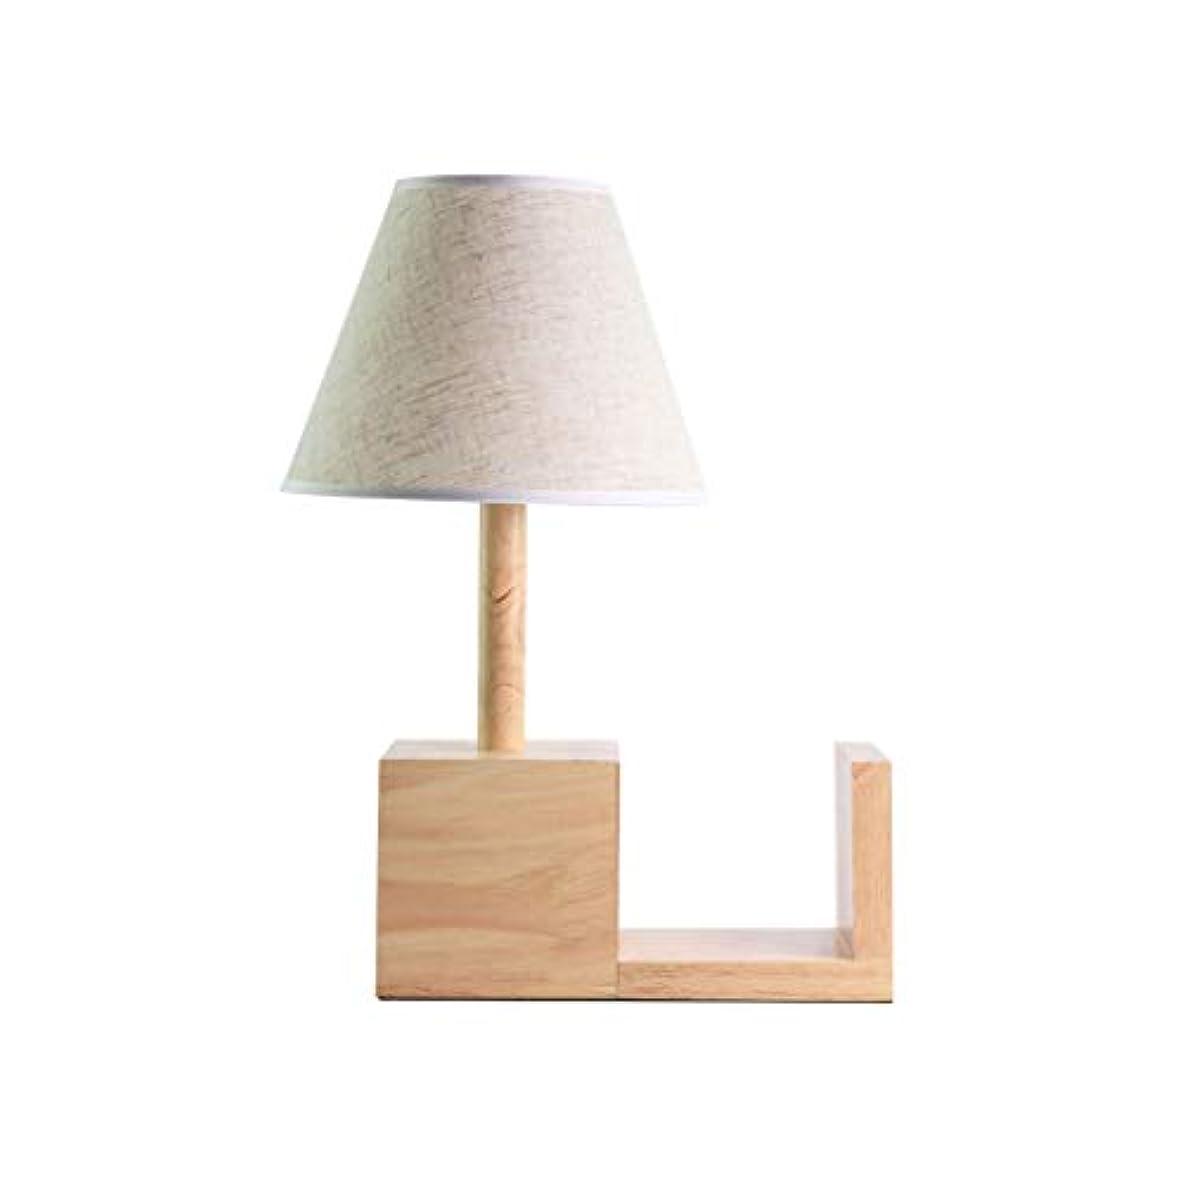 遠いフォーマットランチョン明るい 純木の電気スタンドテーブルランプの寝室のベッドサイドランプシンプルなクリエイティブロマンチックな電気スタンド 照明システム (Color : White)